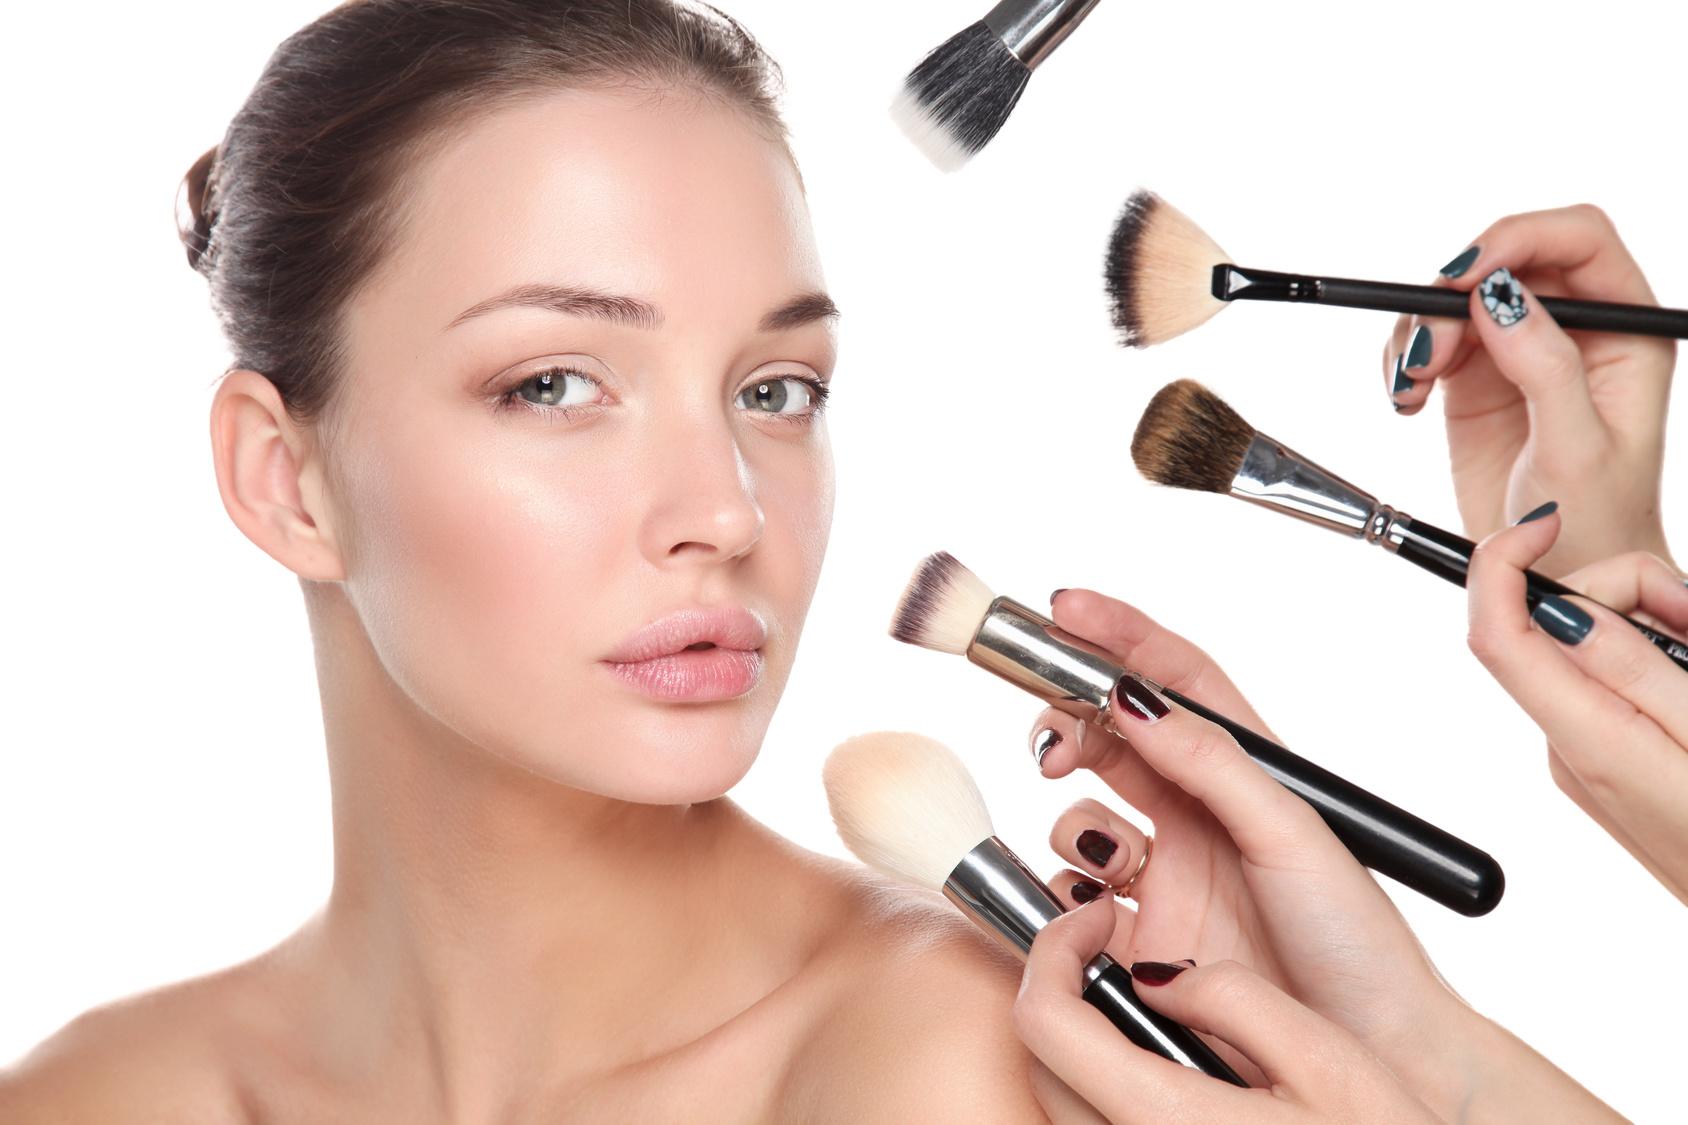 Babor, Pionier der professionellen Hautpflege, Genießen Sie mit viele hochwertige Kosmetik auf Ihrer Haut von Kopf bis Fuß mit exklusiven Einkaufsgutschein von 10 €